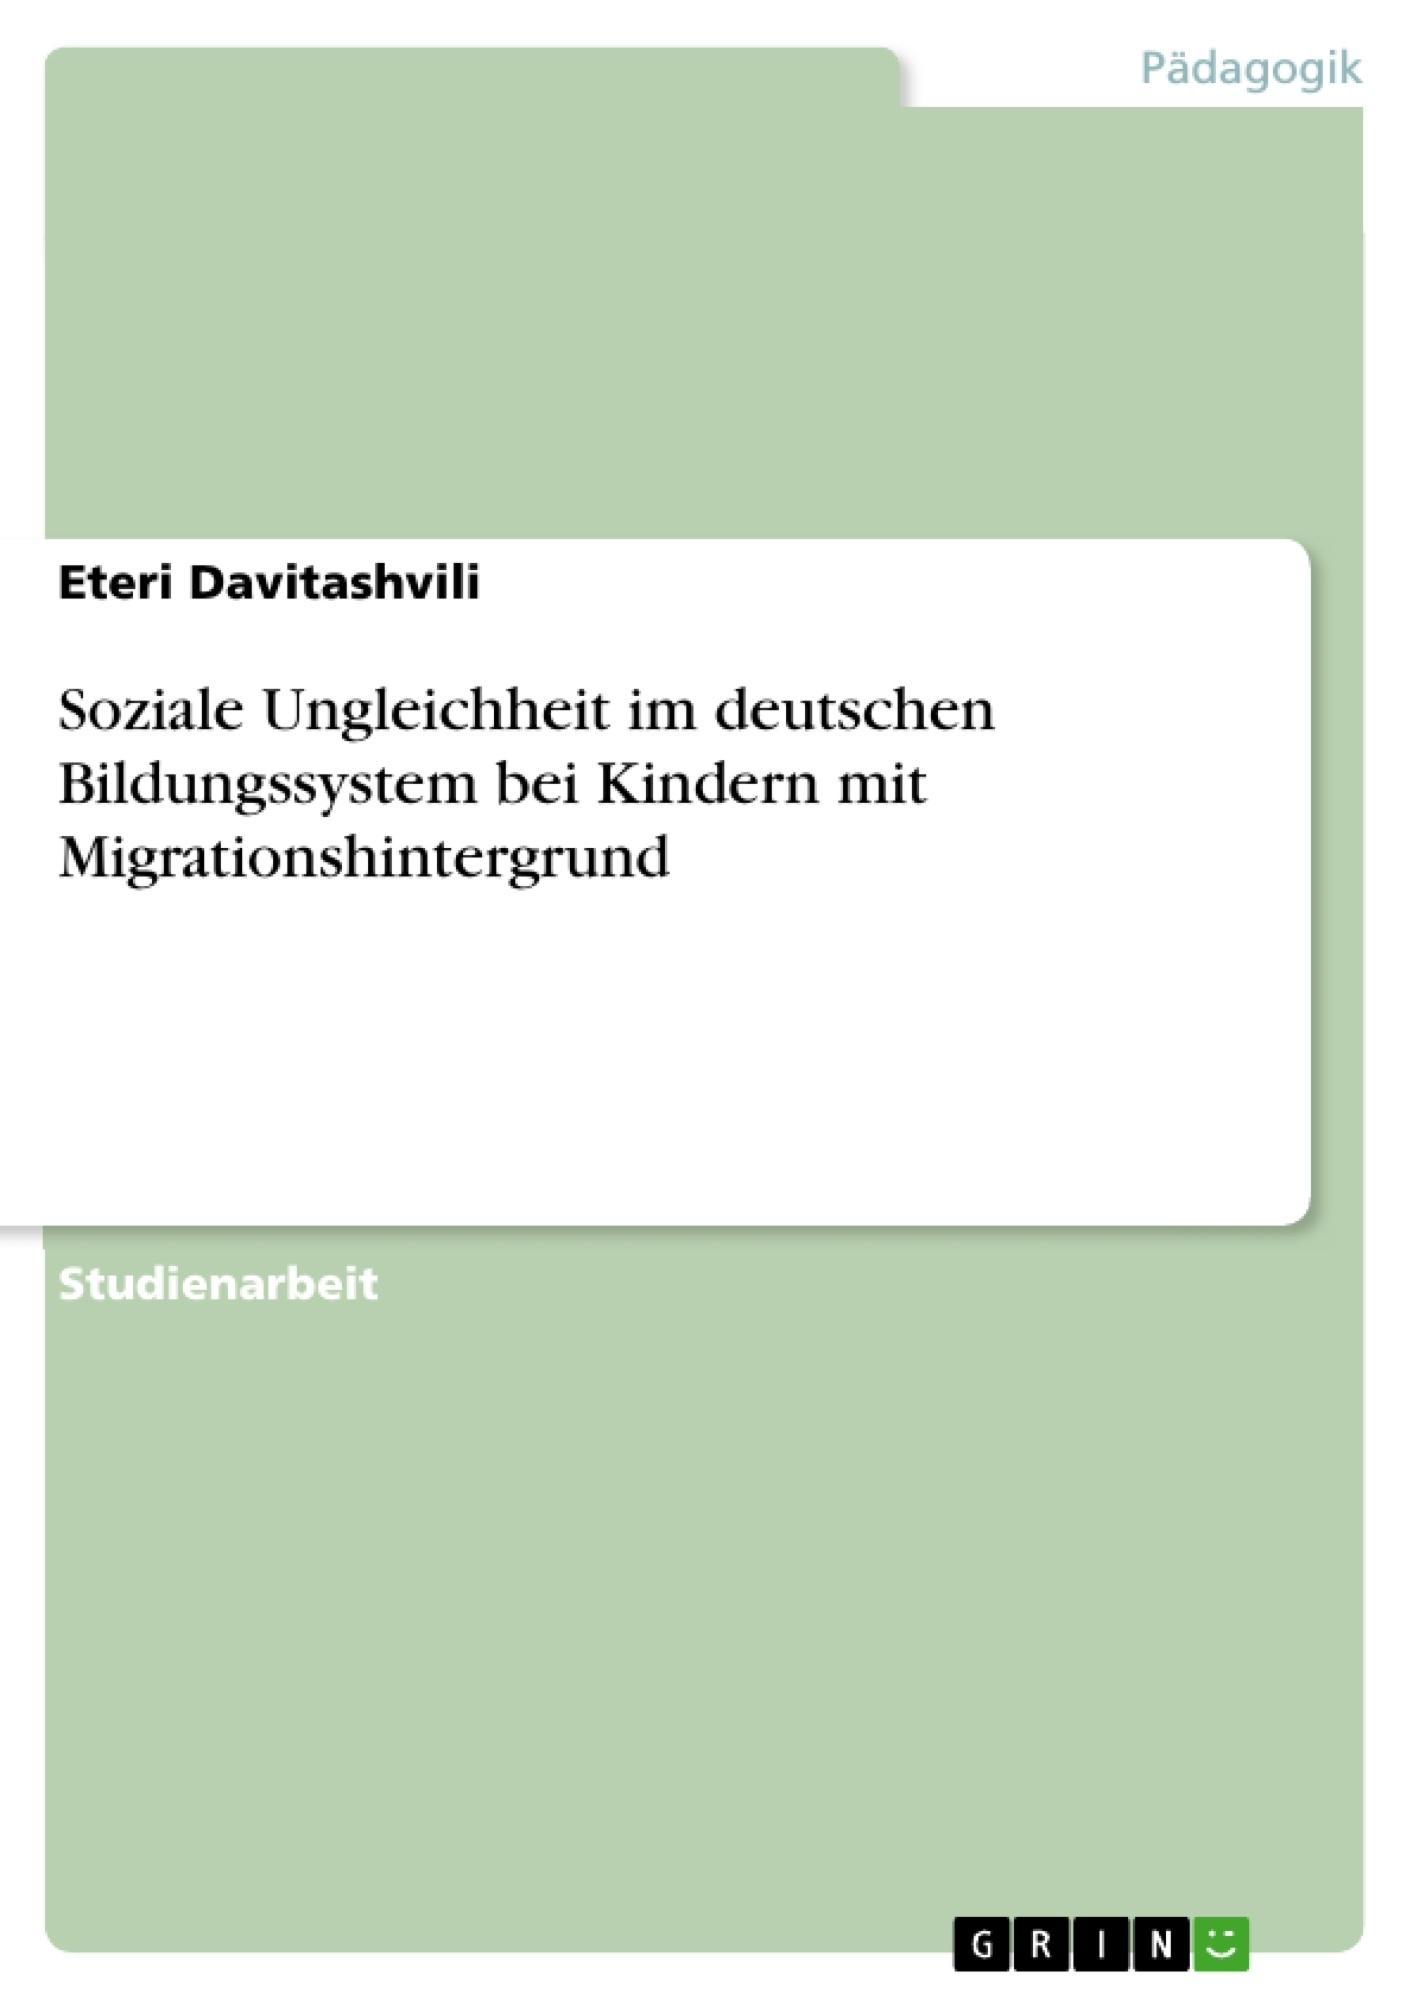 Titel: Soziale Ungleichheit im deutschen Bildungssystem bei Kindern mit Migrationshintergrund